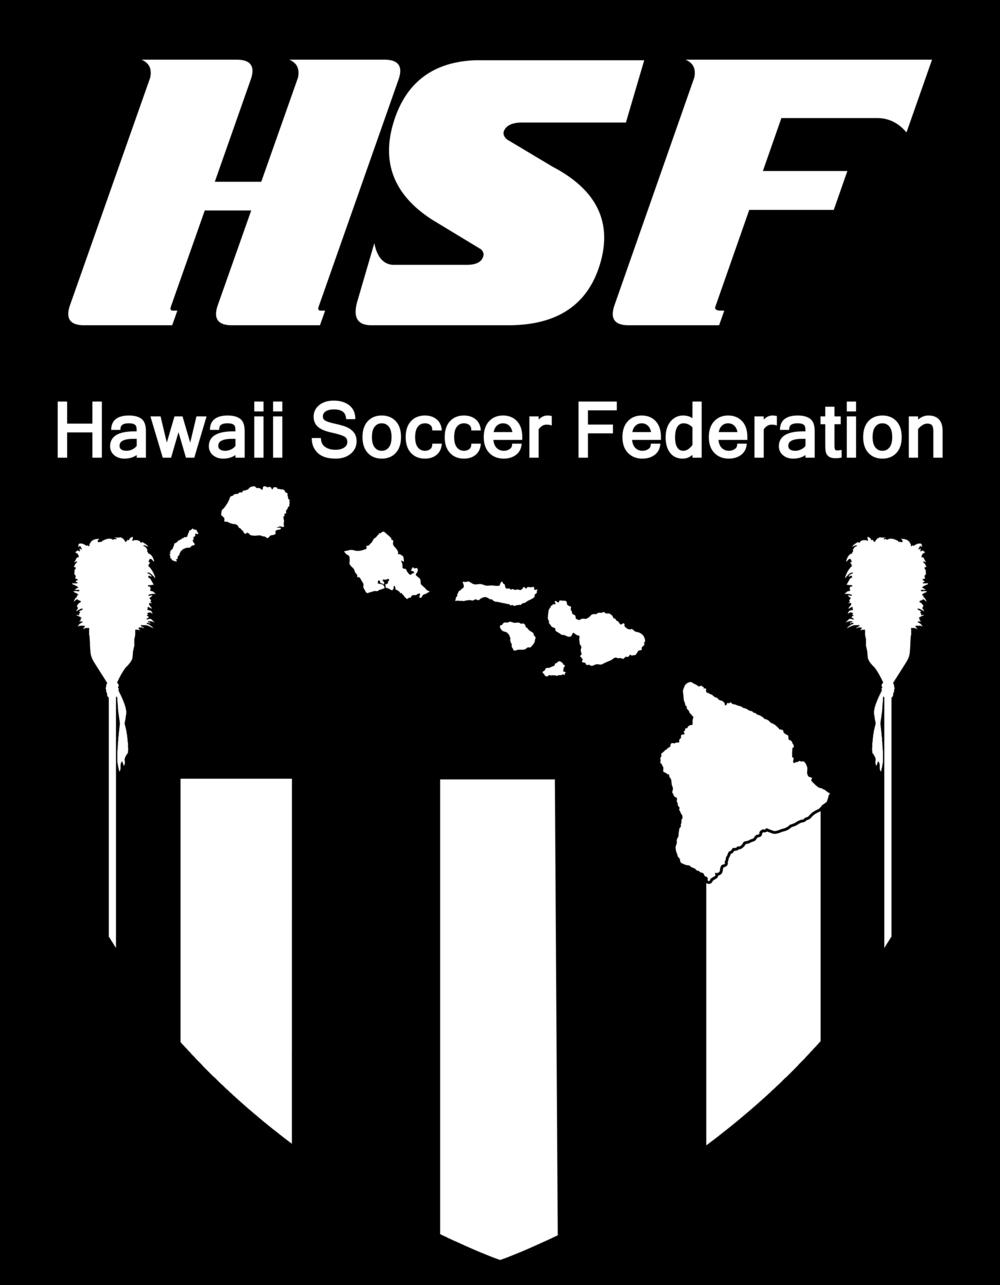 HSF_Logo_B&W.png